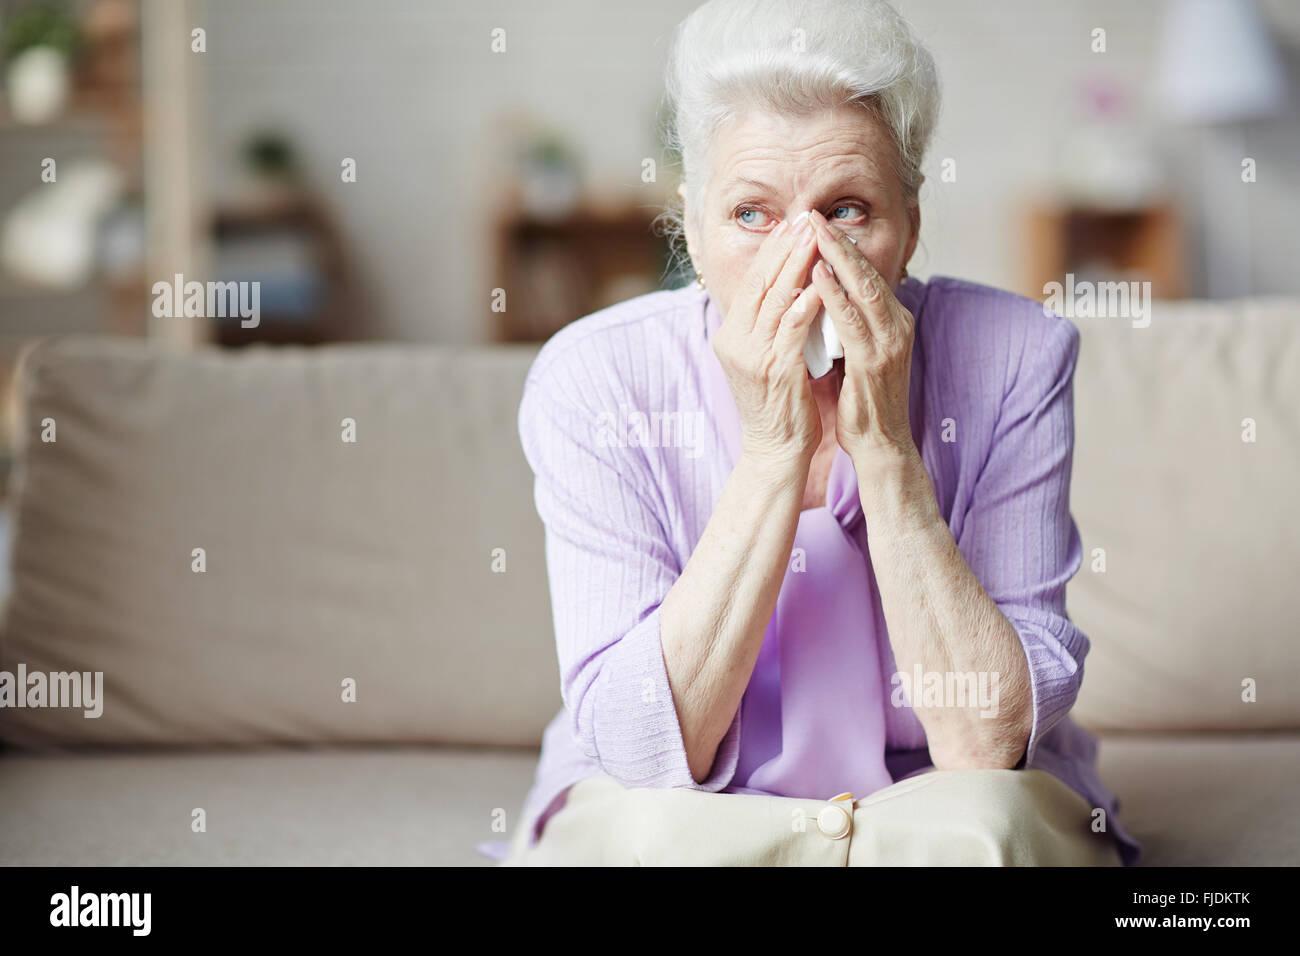 Triste altos mujer sentada en un sofá y llorar Imagen De Stock